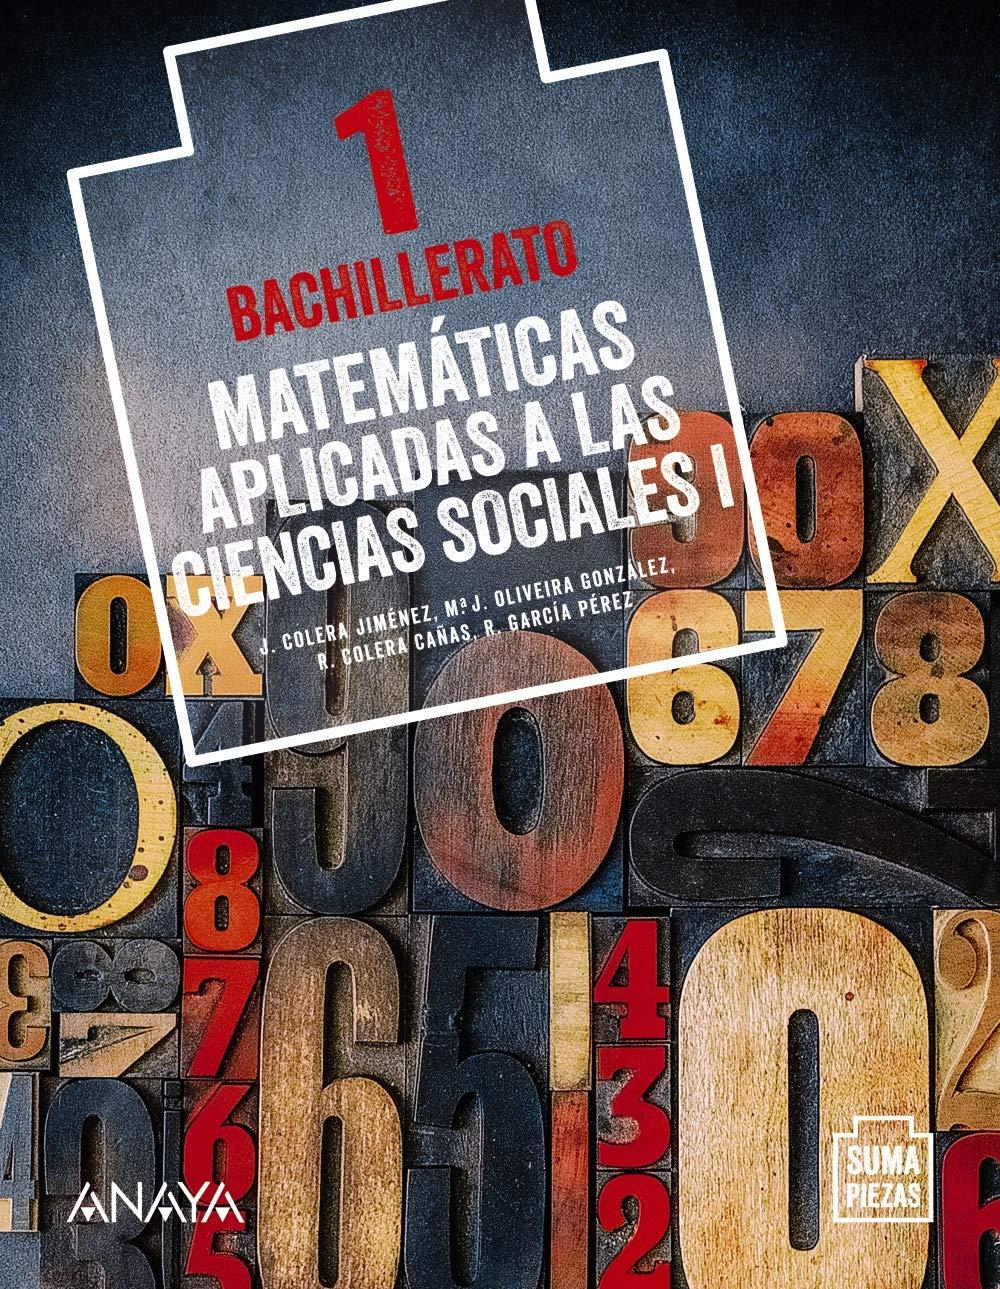 Solucionario Matematicas Aplicadas a las Ciencias Sociales I 1 Bachillerato Anaya